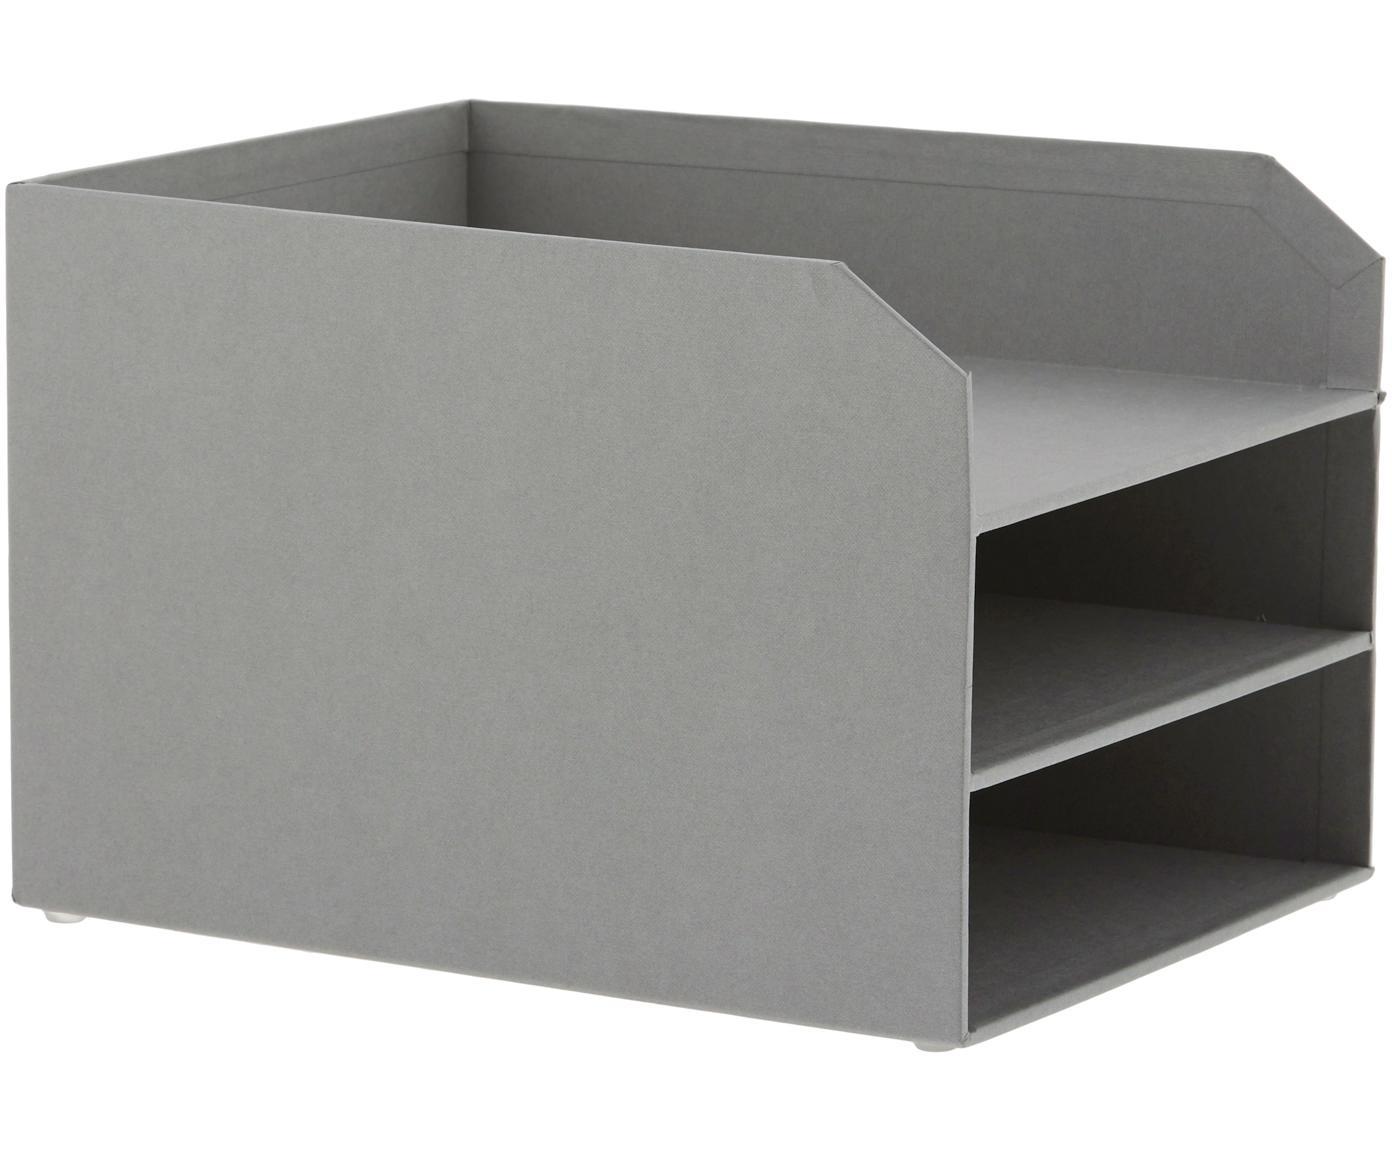 Organizadores de documentos Trey, Cartón laminado macizo, Gris, An 23 x Al 21 cm